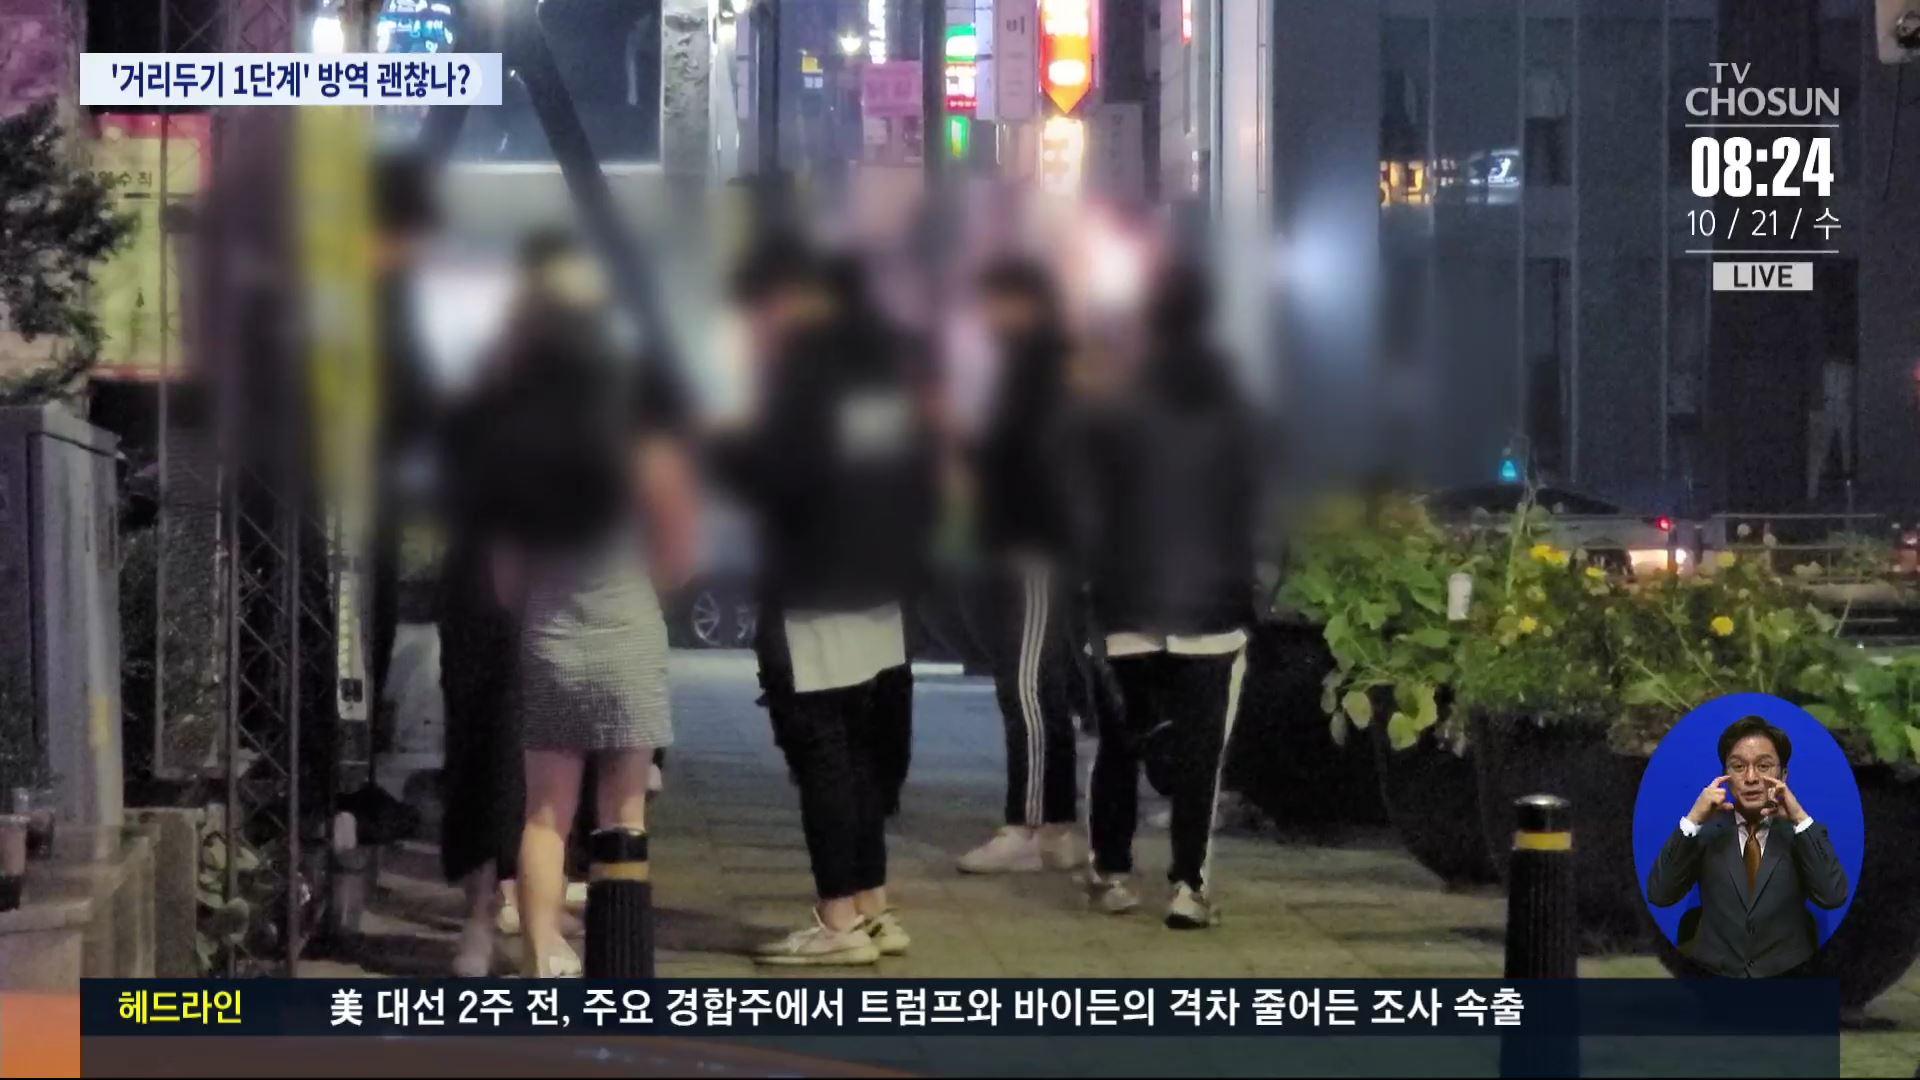 거리두기 1단계 일주일…거리는 '한산', 유흥업소는 '북적'